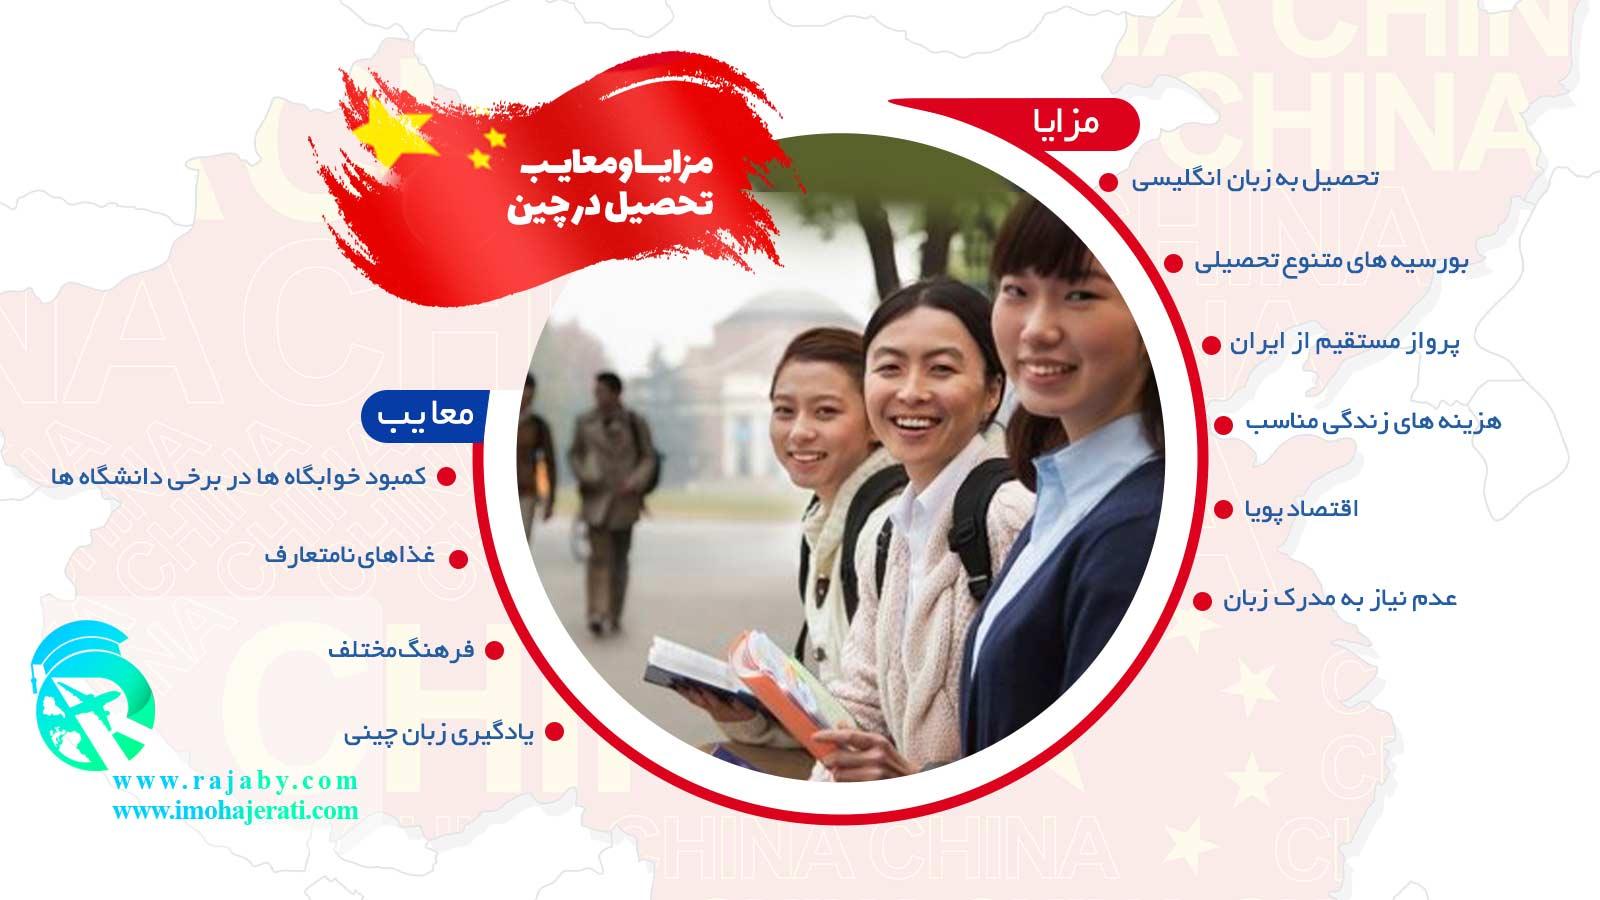 مزایا و معایب تحصیل در چین